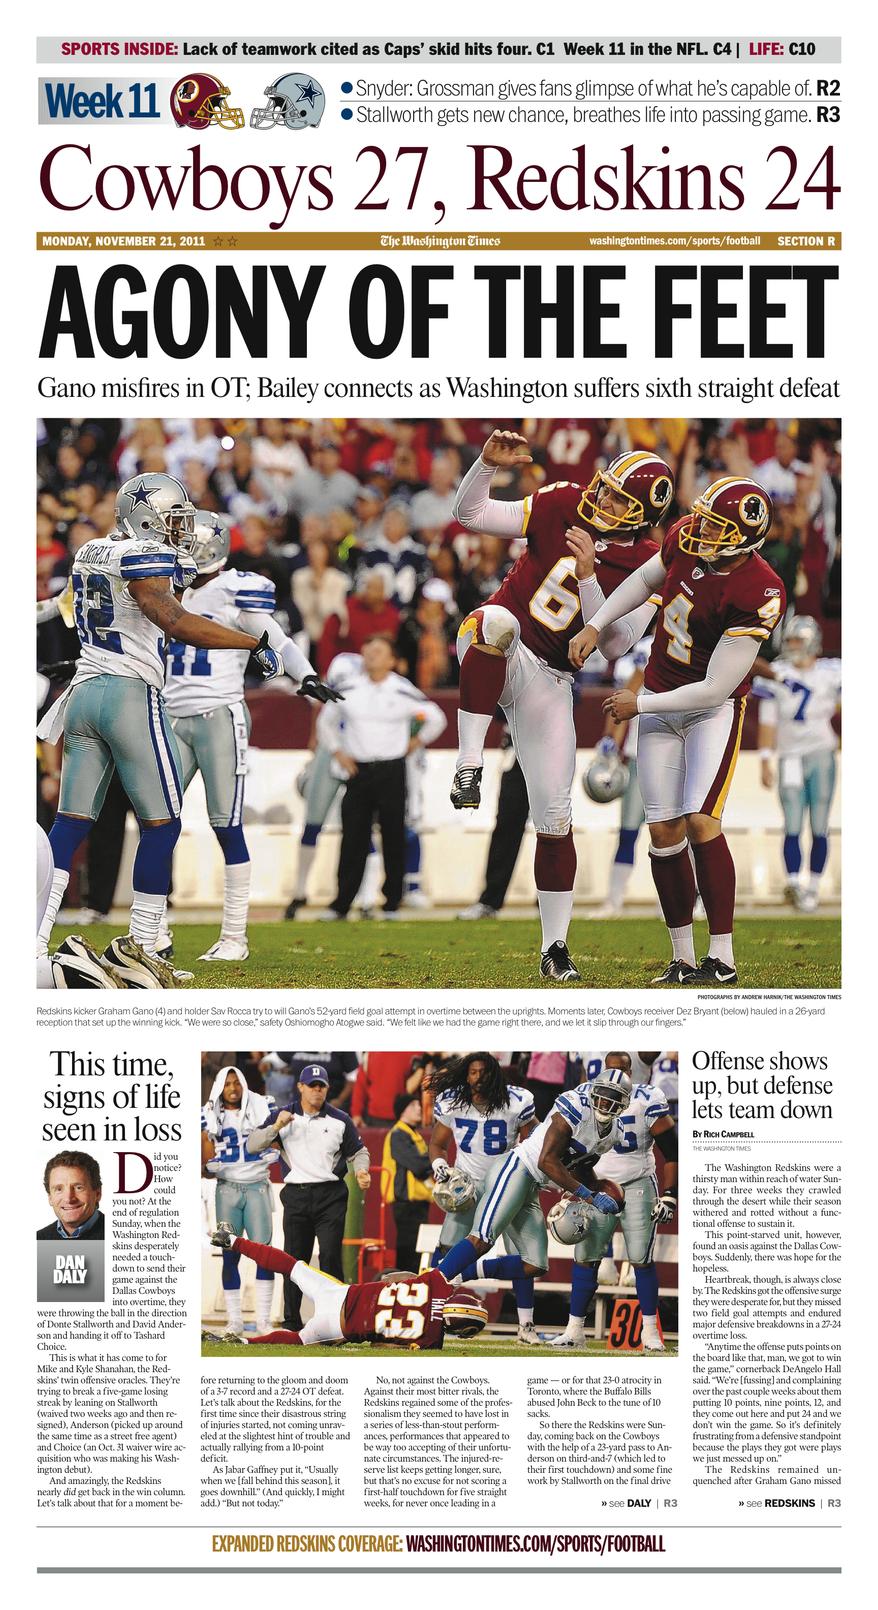 Week 11: Cowboys 27, Redskins 24 (OT)